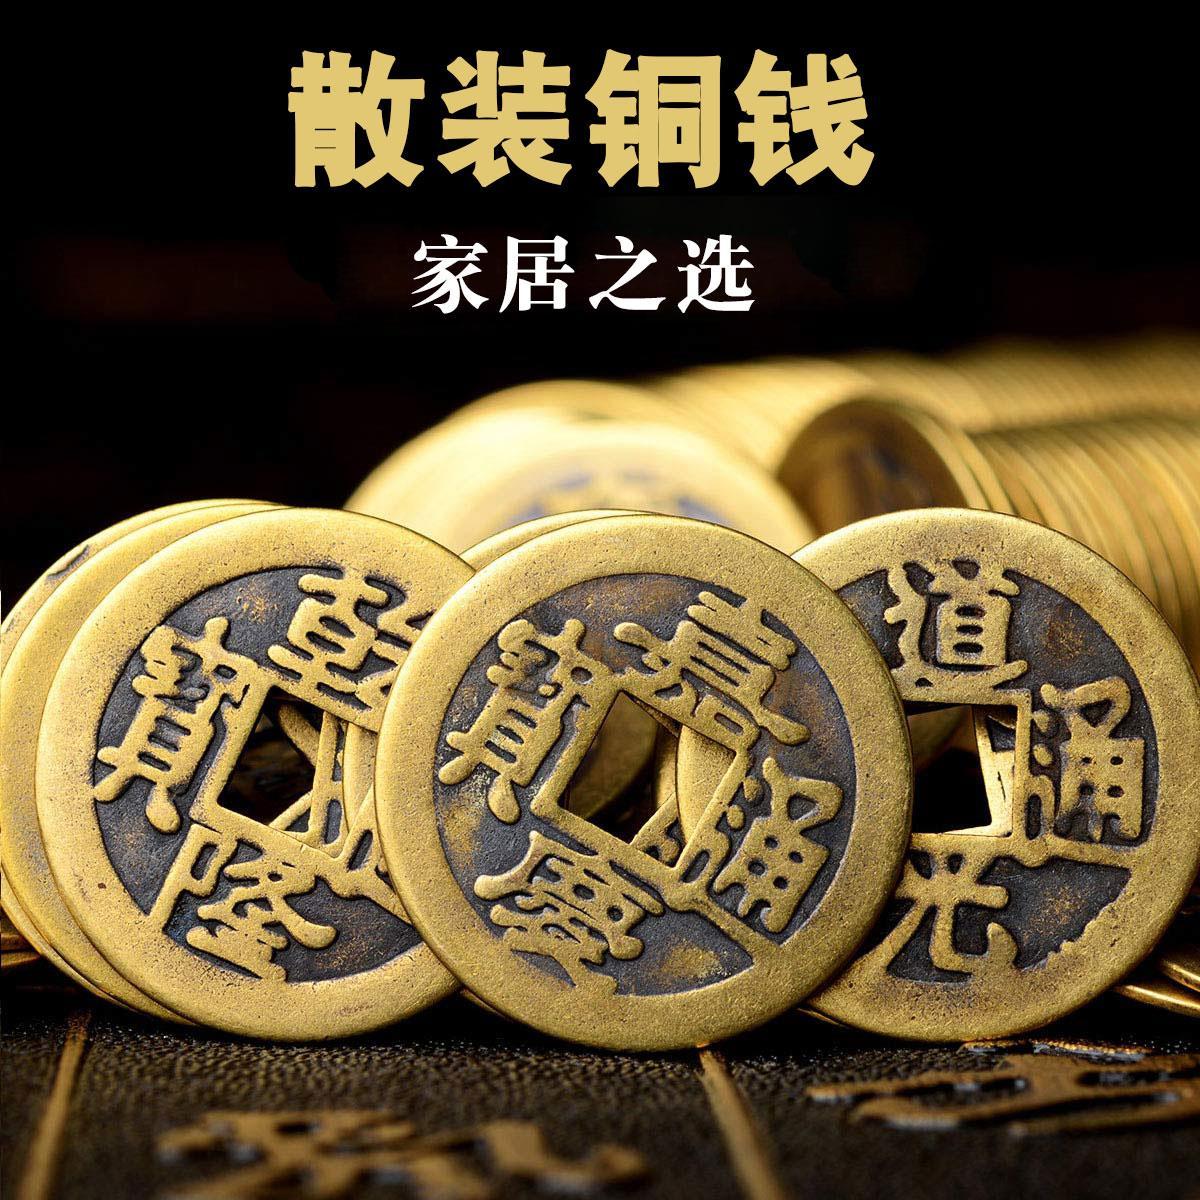 純銅大小銅錢清代仿錢幣散錢五帝錢十帝六帝錢家居門檻用品♠極有家♠